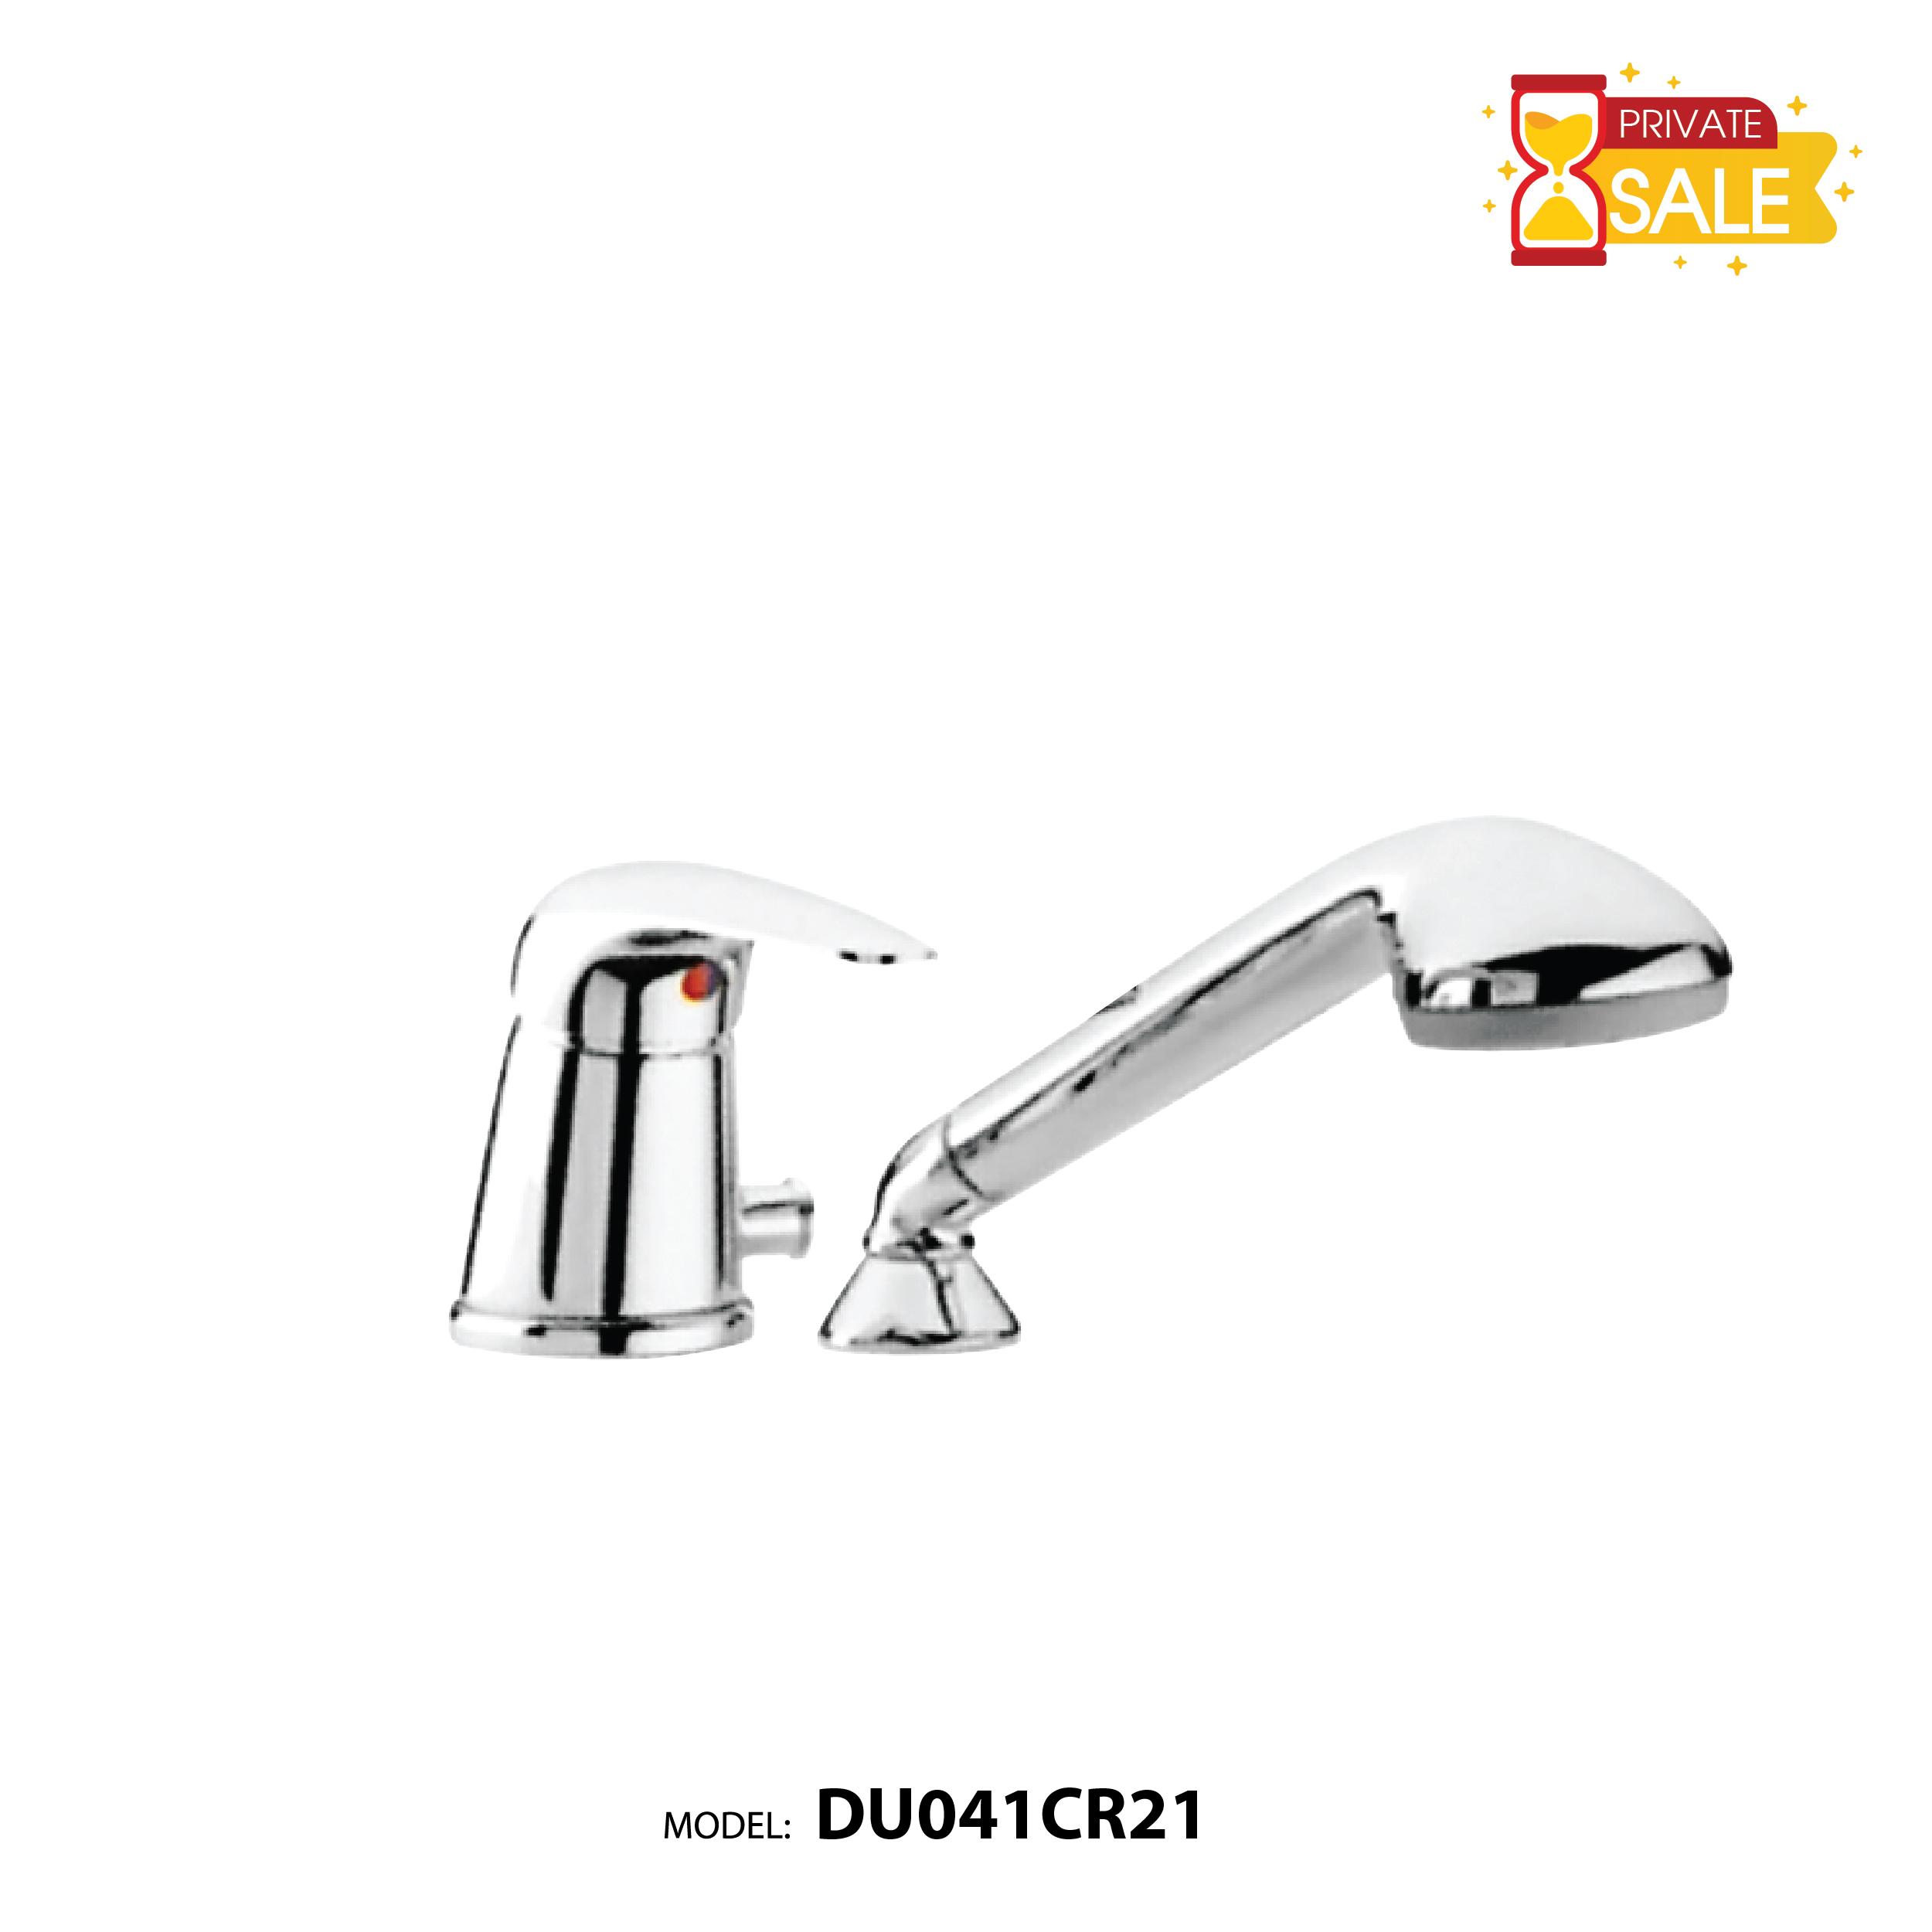 VÒI BỒN TẮM NÓNG LẠNH PAFFONI DU041CR21(Vòi bồn tắm model: DU041CR21)